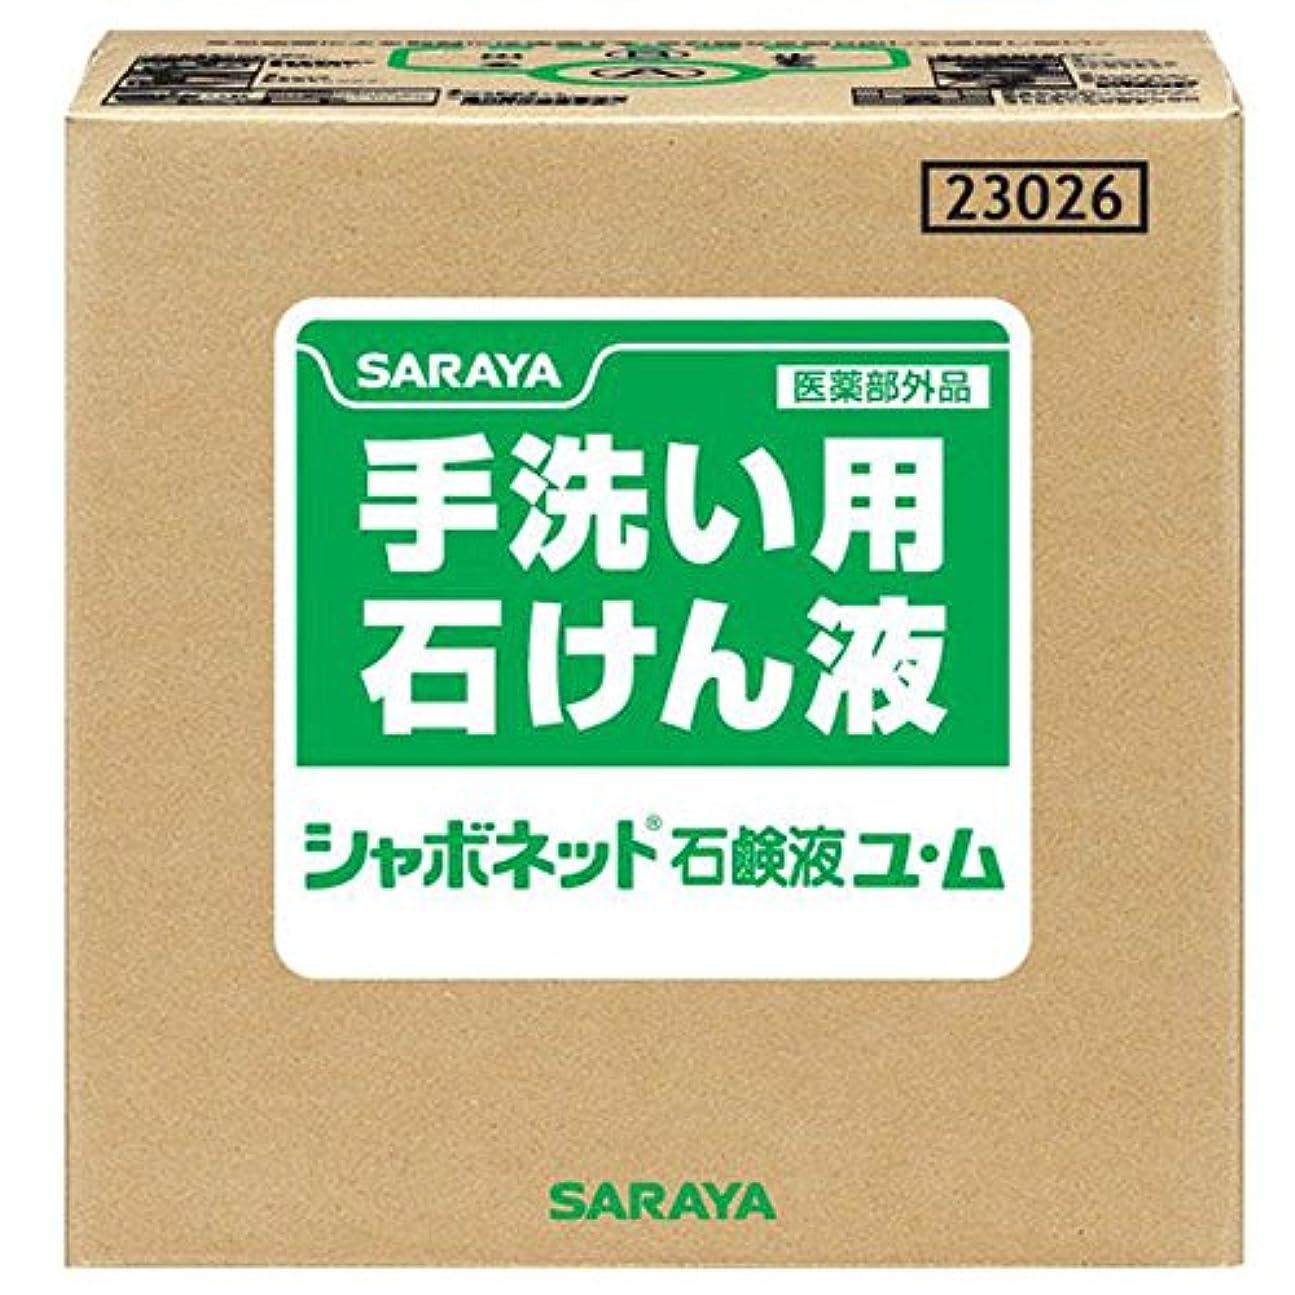 水銀の圧倒する人に関する限りサラヤ シャボネット 石鹸液ユ?ム 20kg×1箱 BIB